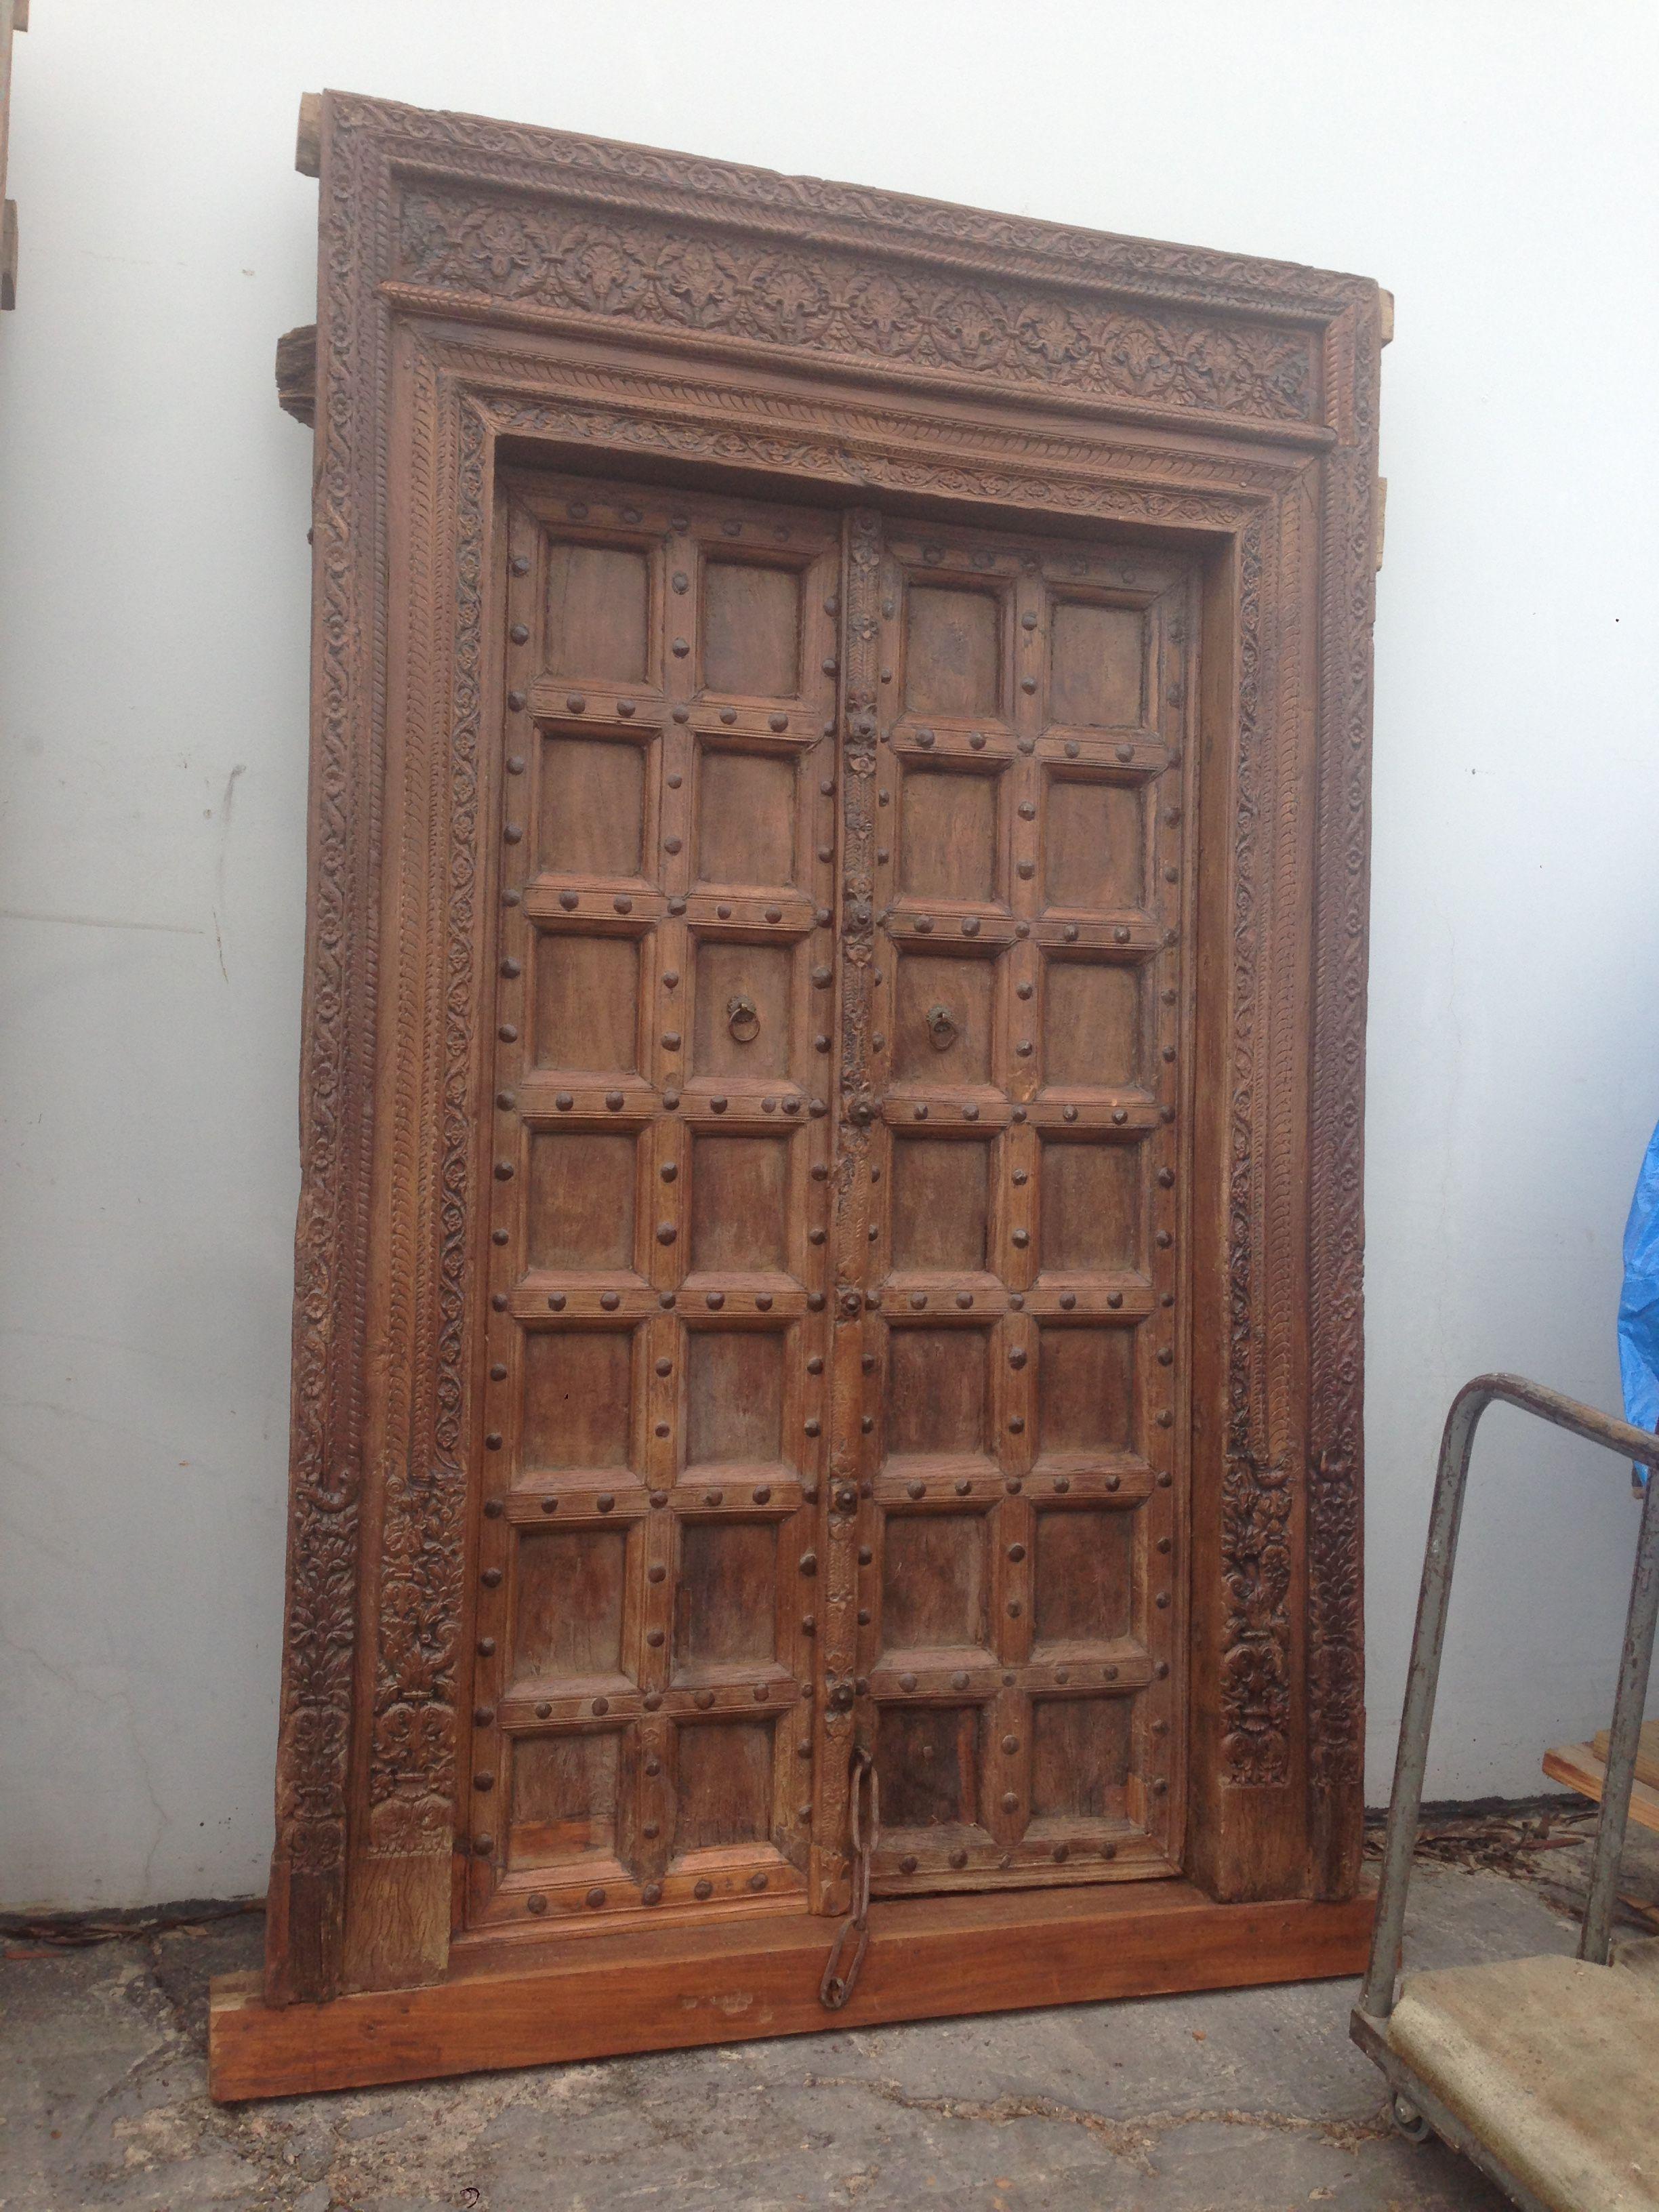 Rustic Wood Doors How To Antique Wood Rustic Wood Doors Wood Doors